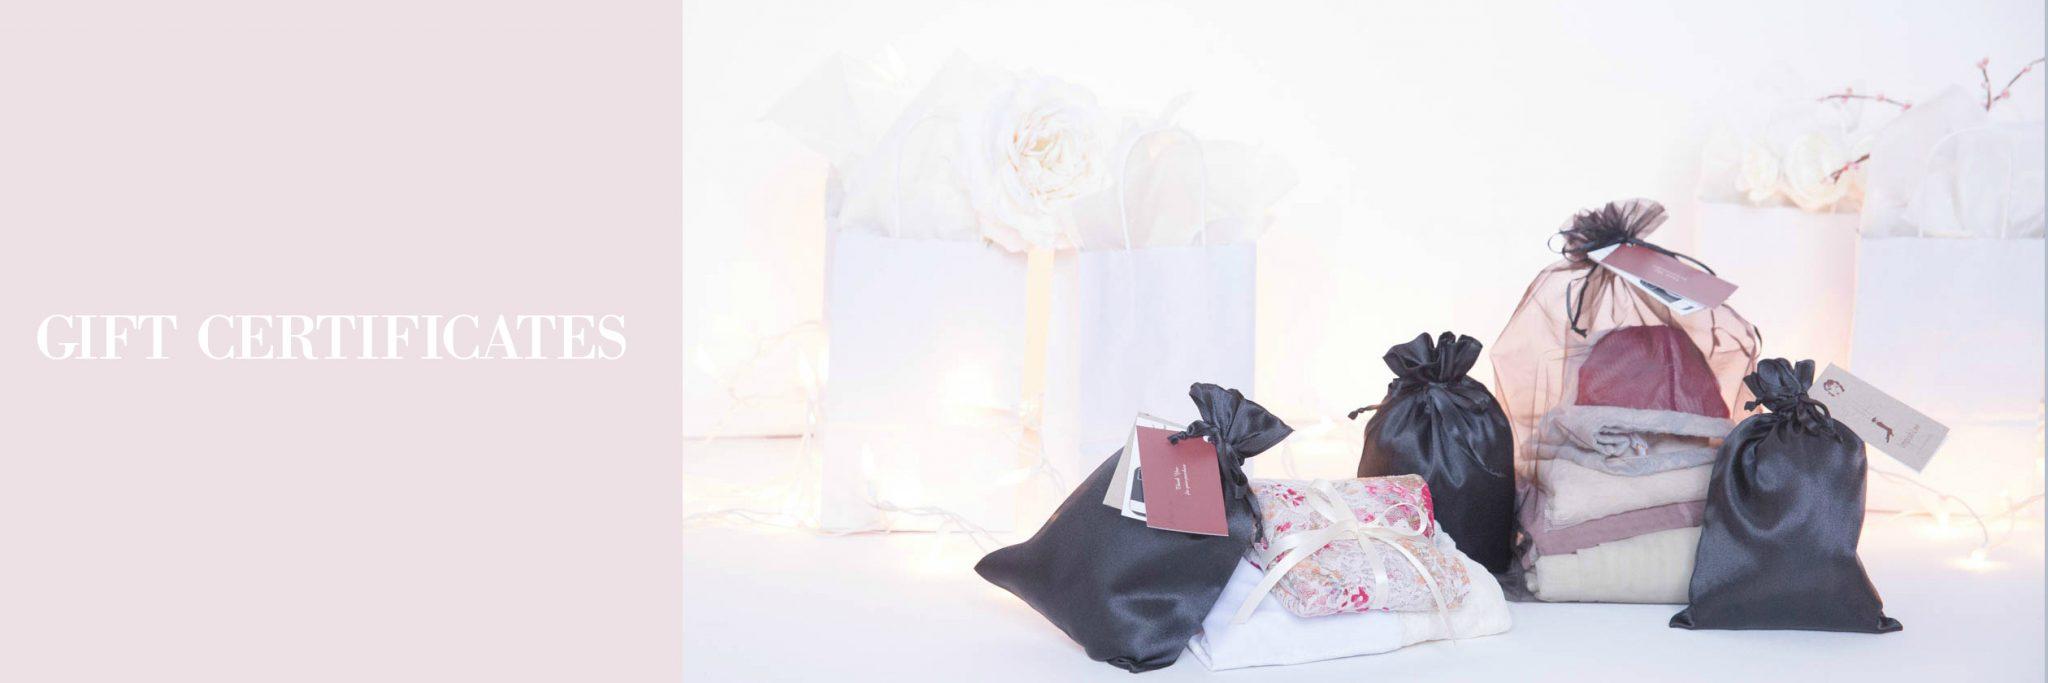 Impish Lee - Gift Certificates